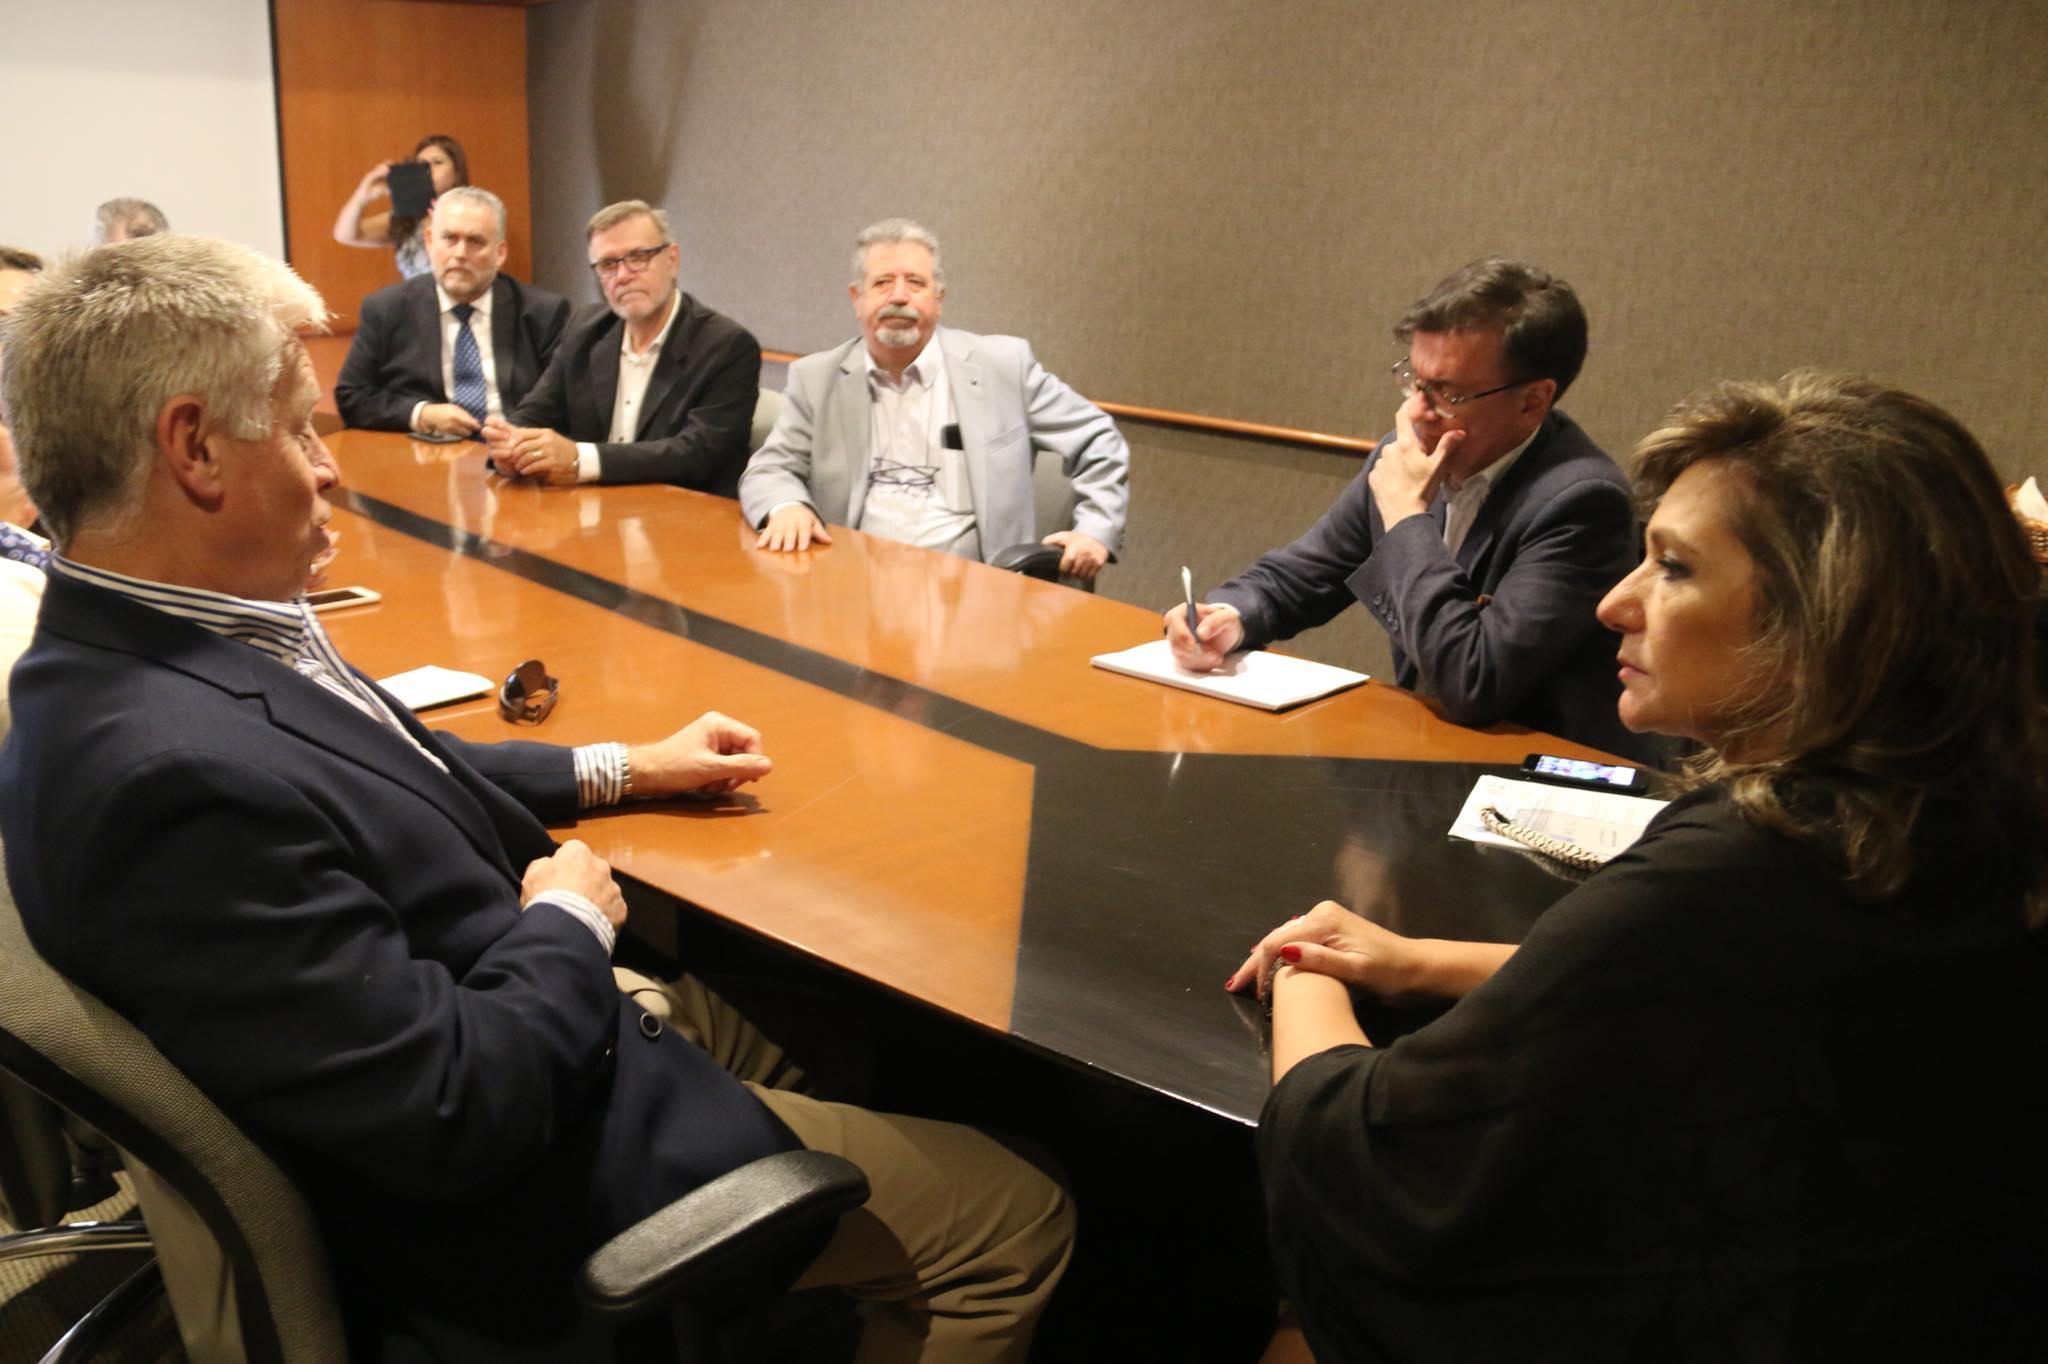 Gremio de agencias de viajes de Latinoamérica se reunió con el Secretario General de la OMT